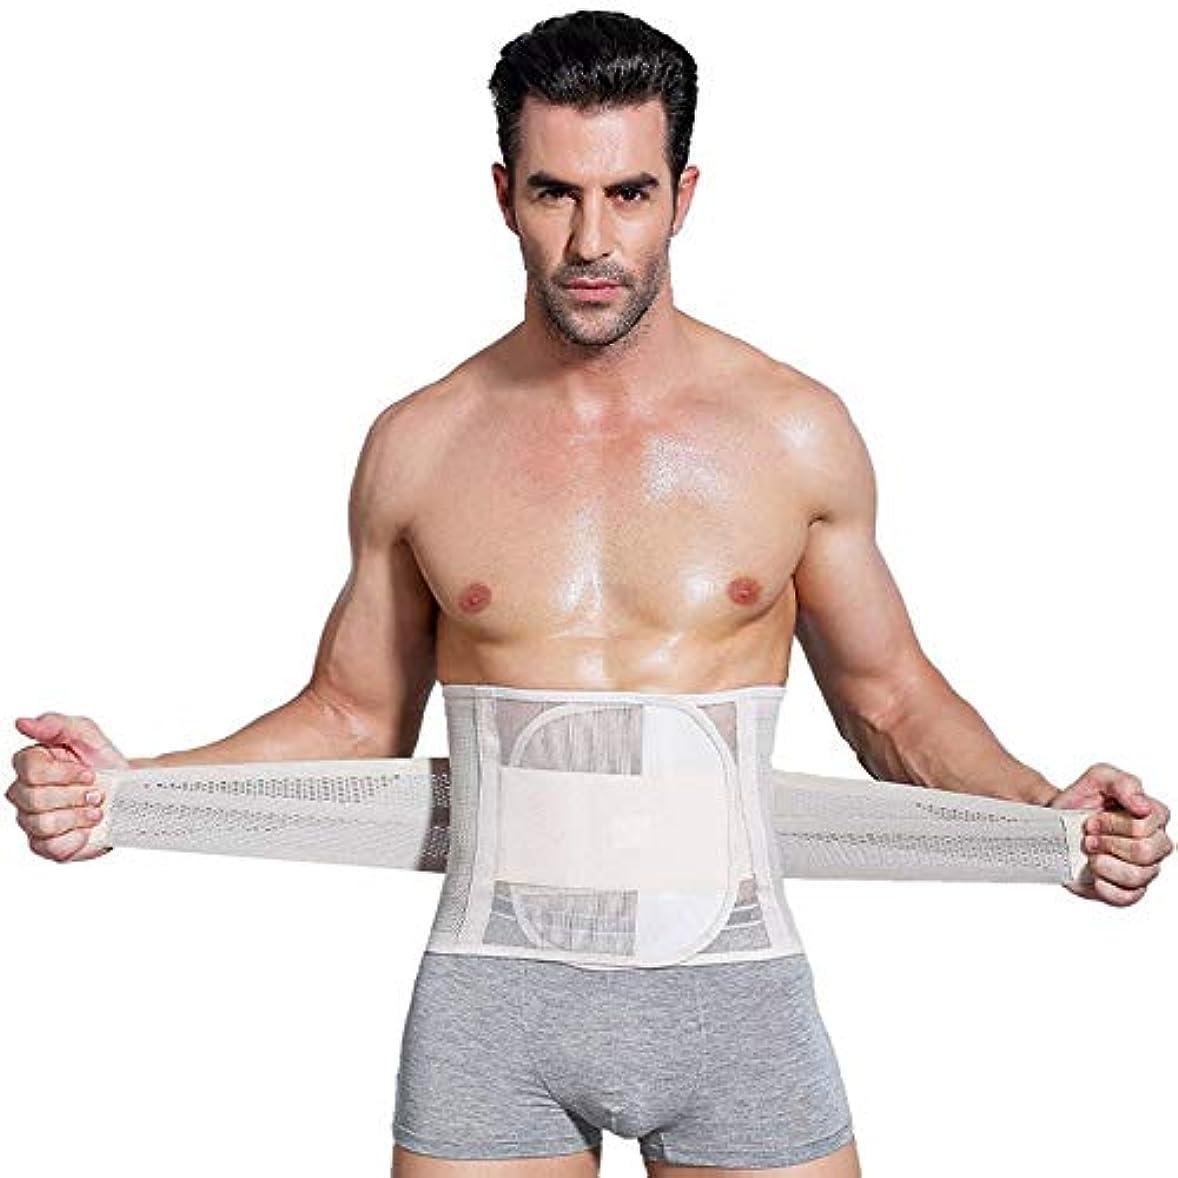 反響するシステム求める男性ボディシェイパーコルセット腹部おなかコントロールウエストトレーナーニッパー脂肪燃焼ガードル痩身腹ベルト用男性 - 肌色M